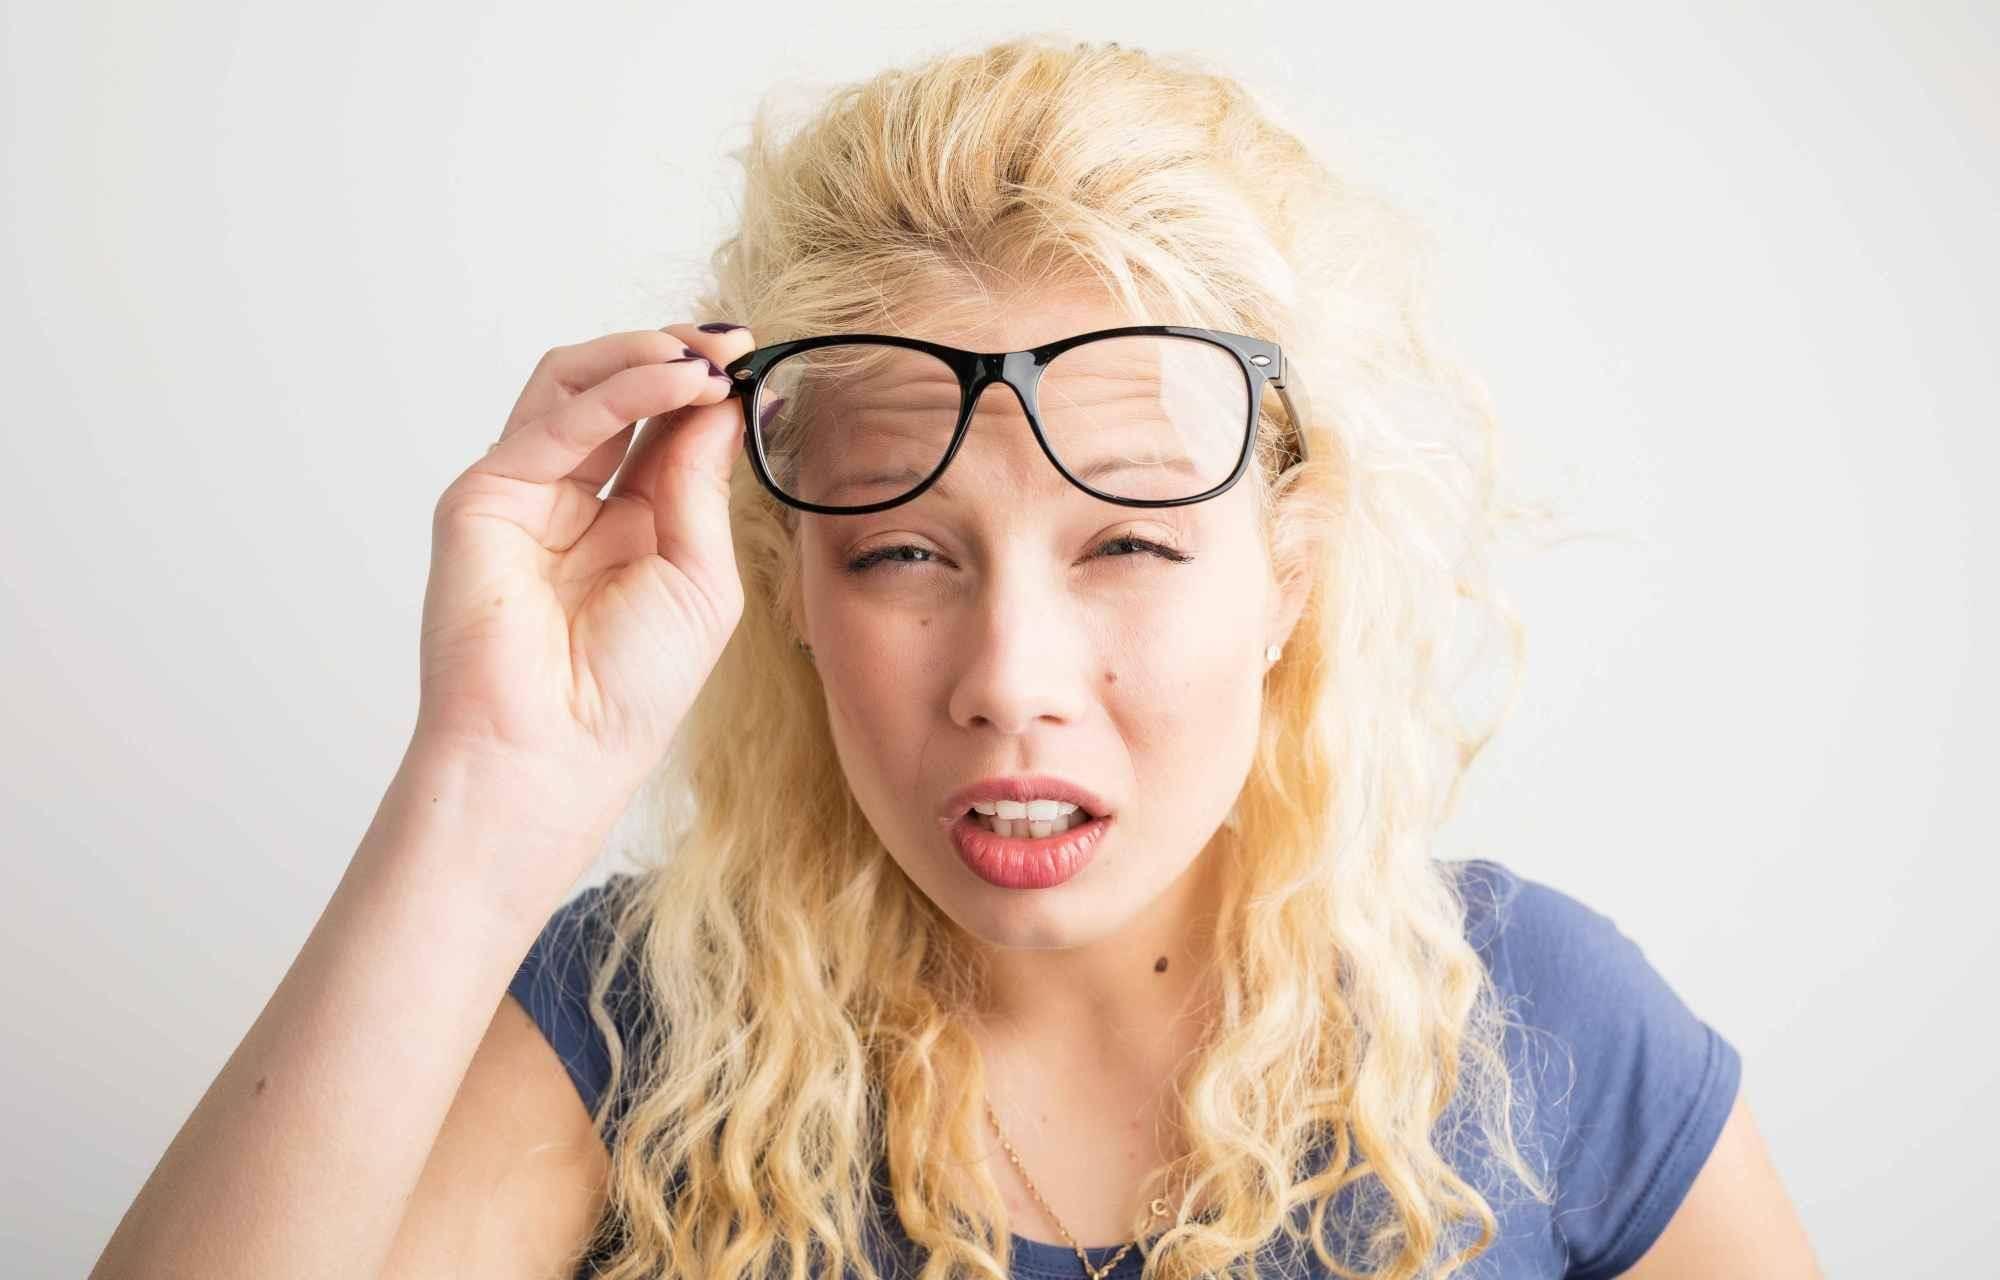 想多了!眼皮跳可能是疾病征兆  二十四小时眼跳吉凶预兆